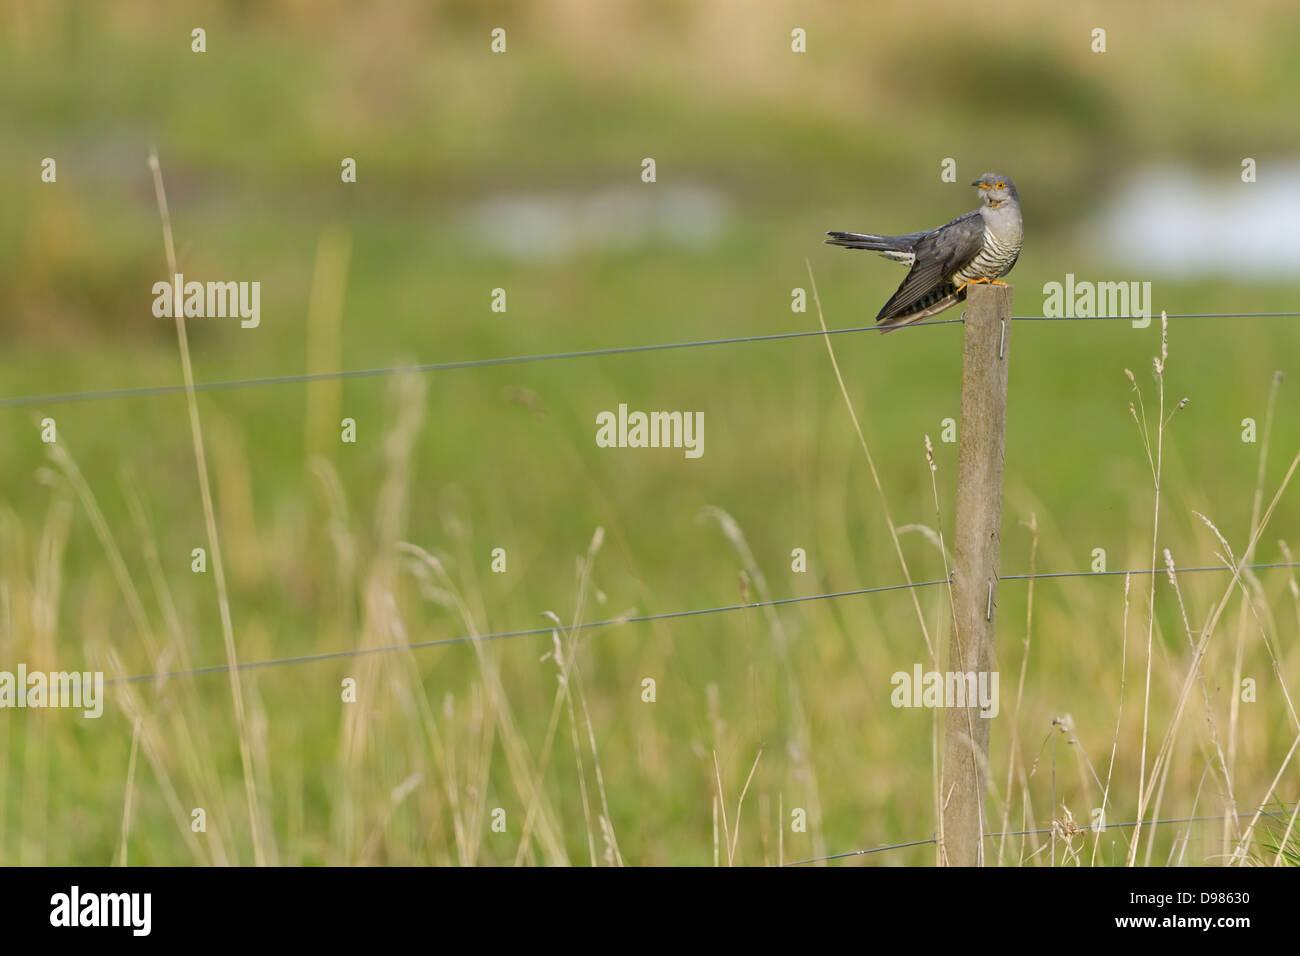 Kuckuck, Eurasian Cuckoo, Cuckoo, Common Cuckoo, Cuculus canorus, Coucou gris, Cuco Europeo, Cuco Común - Stock Image